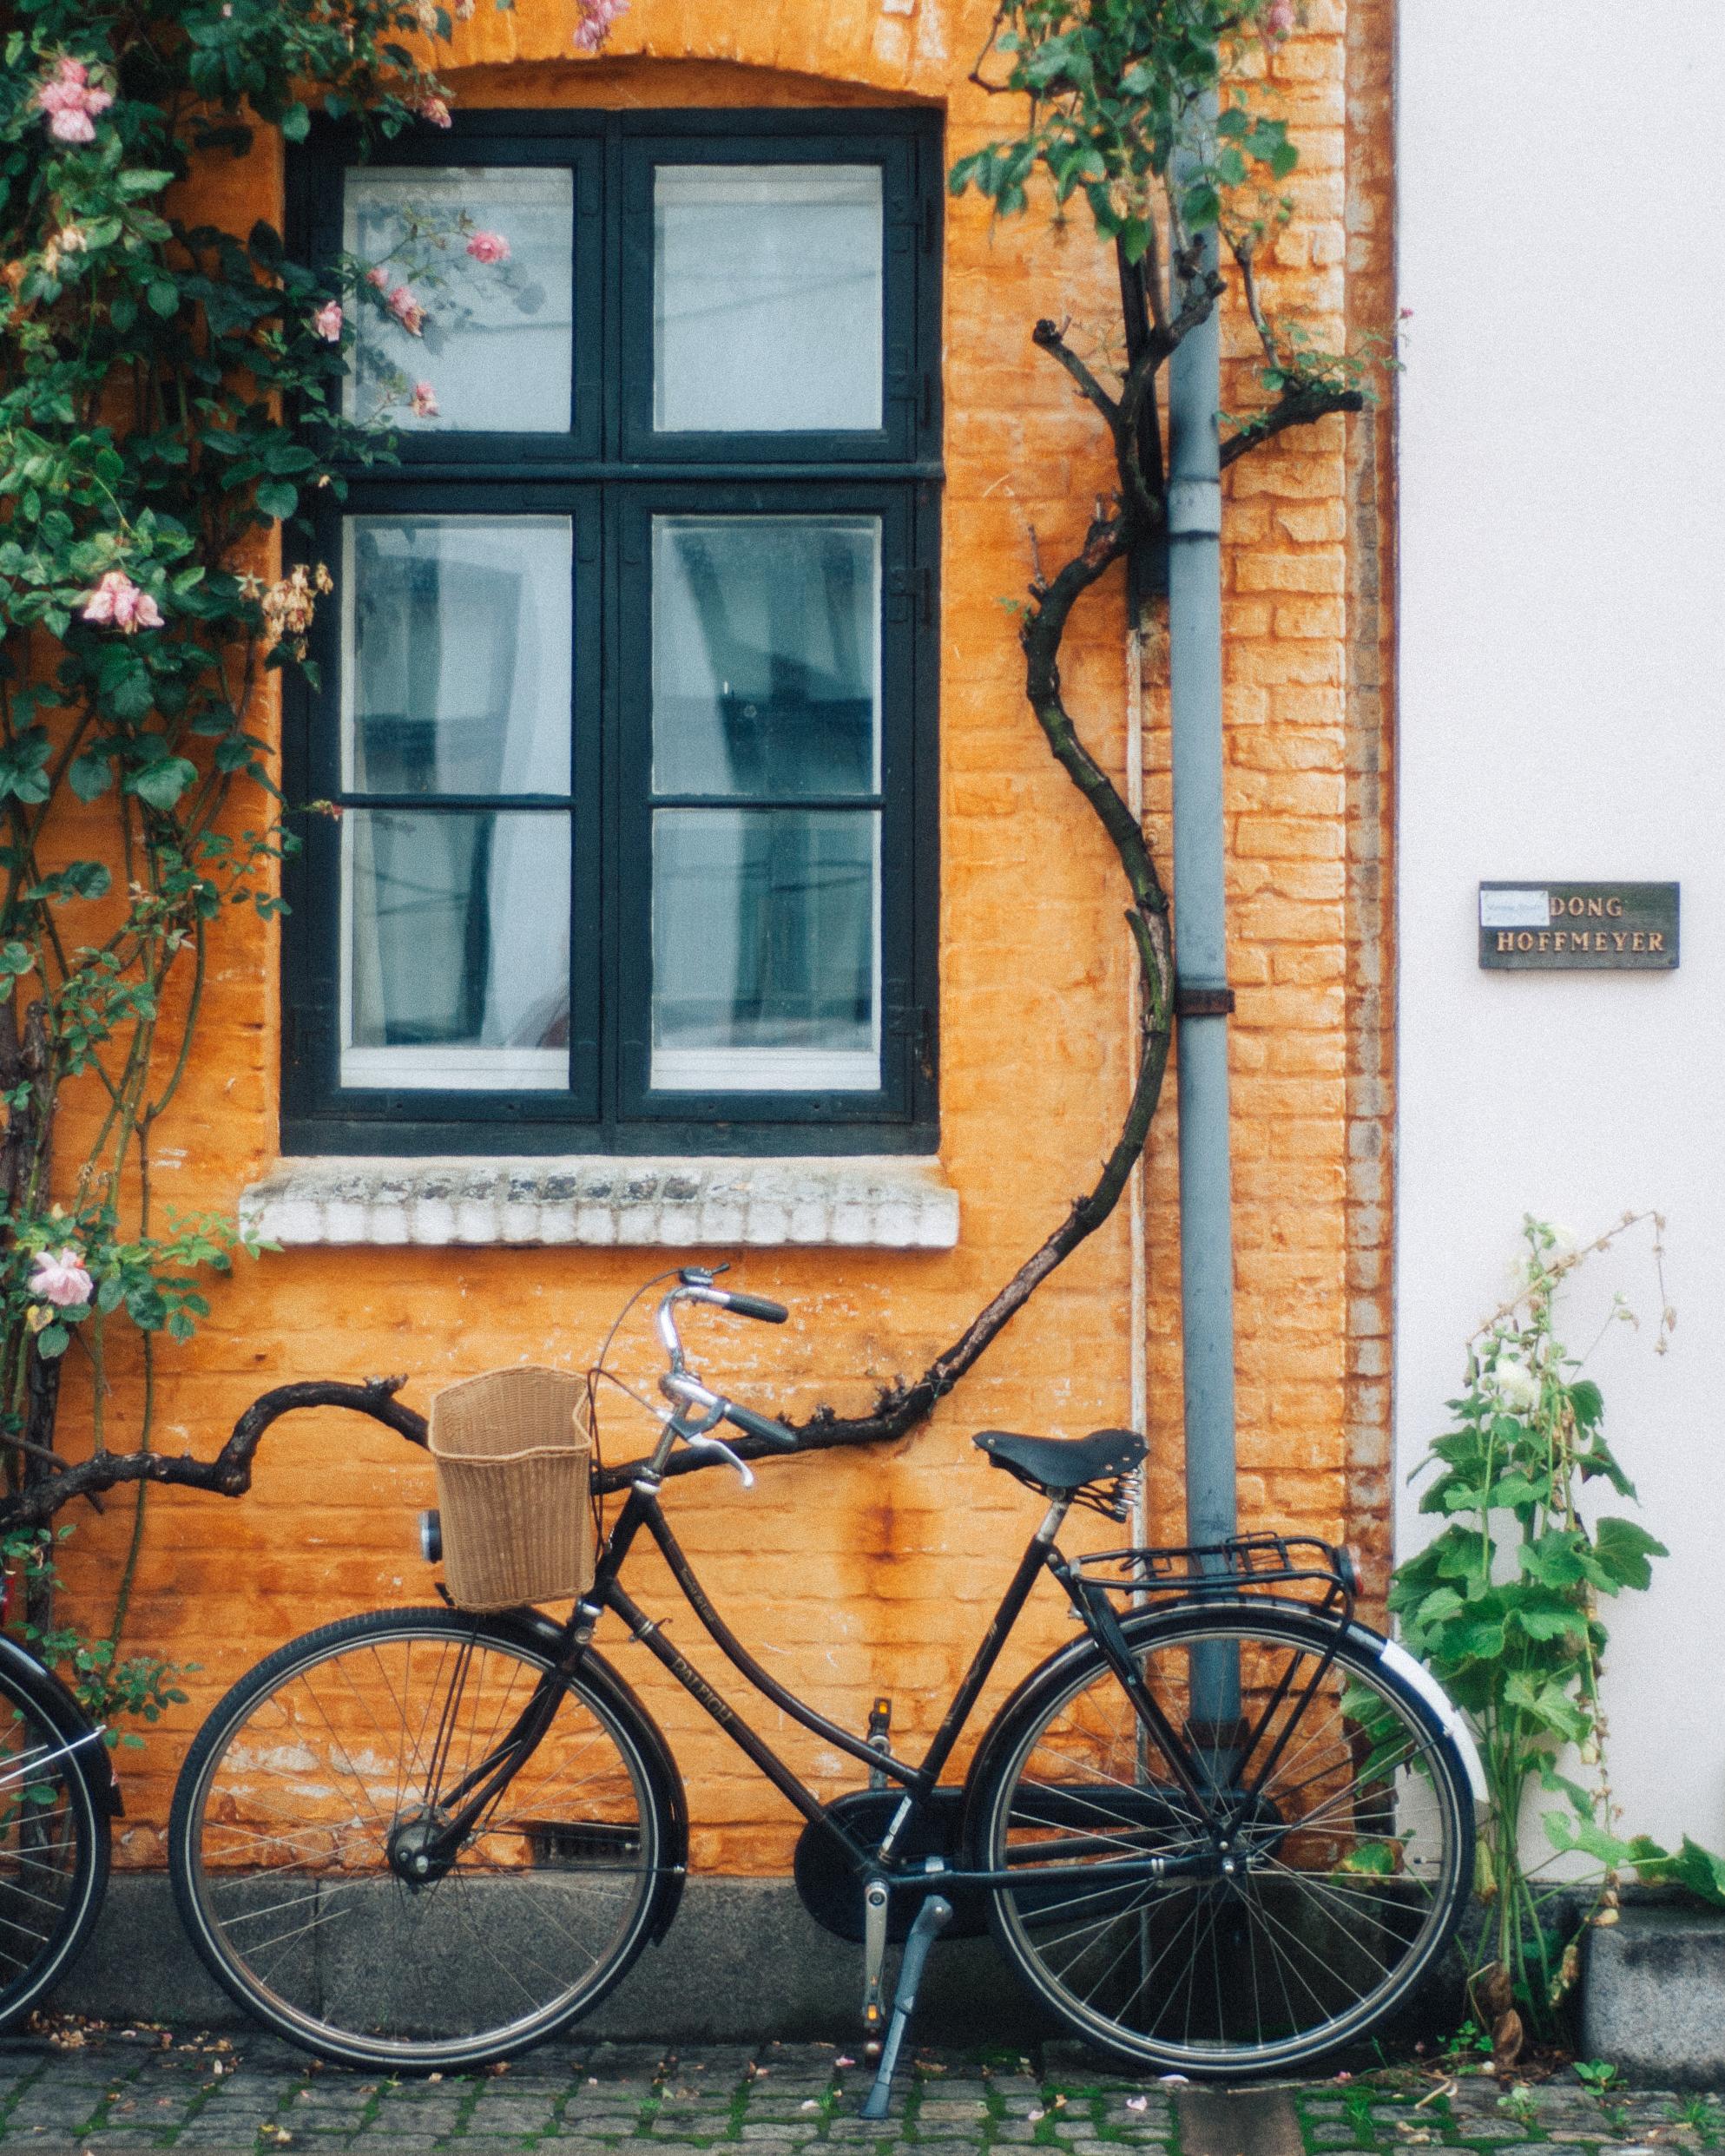 Copenhagen is always a delight